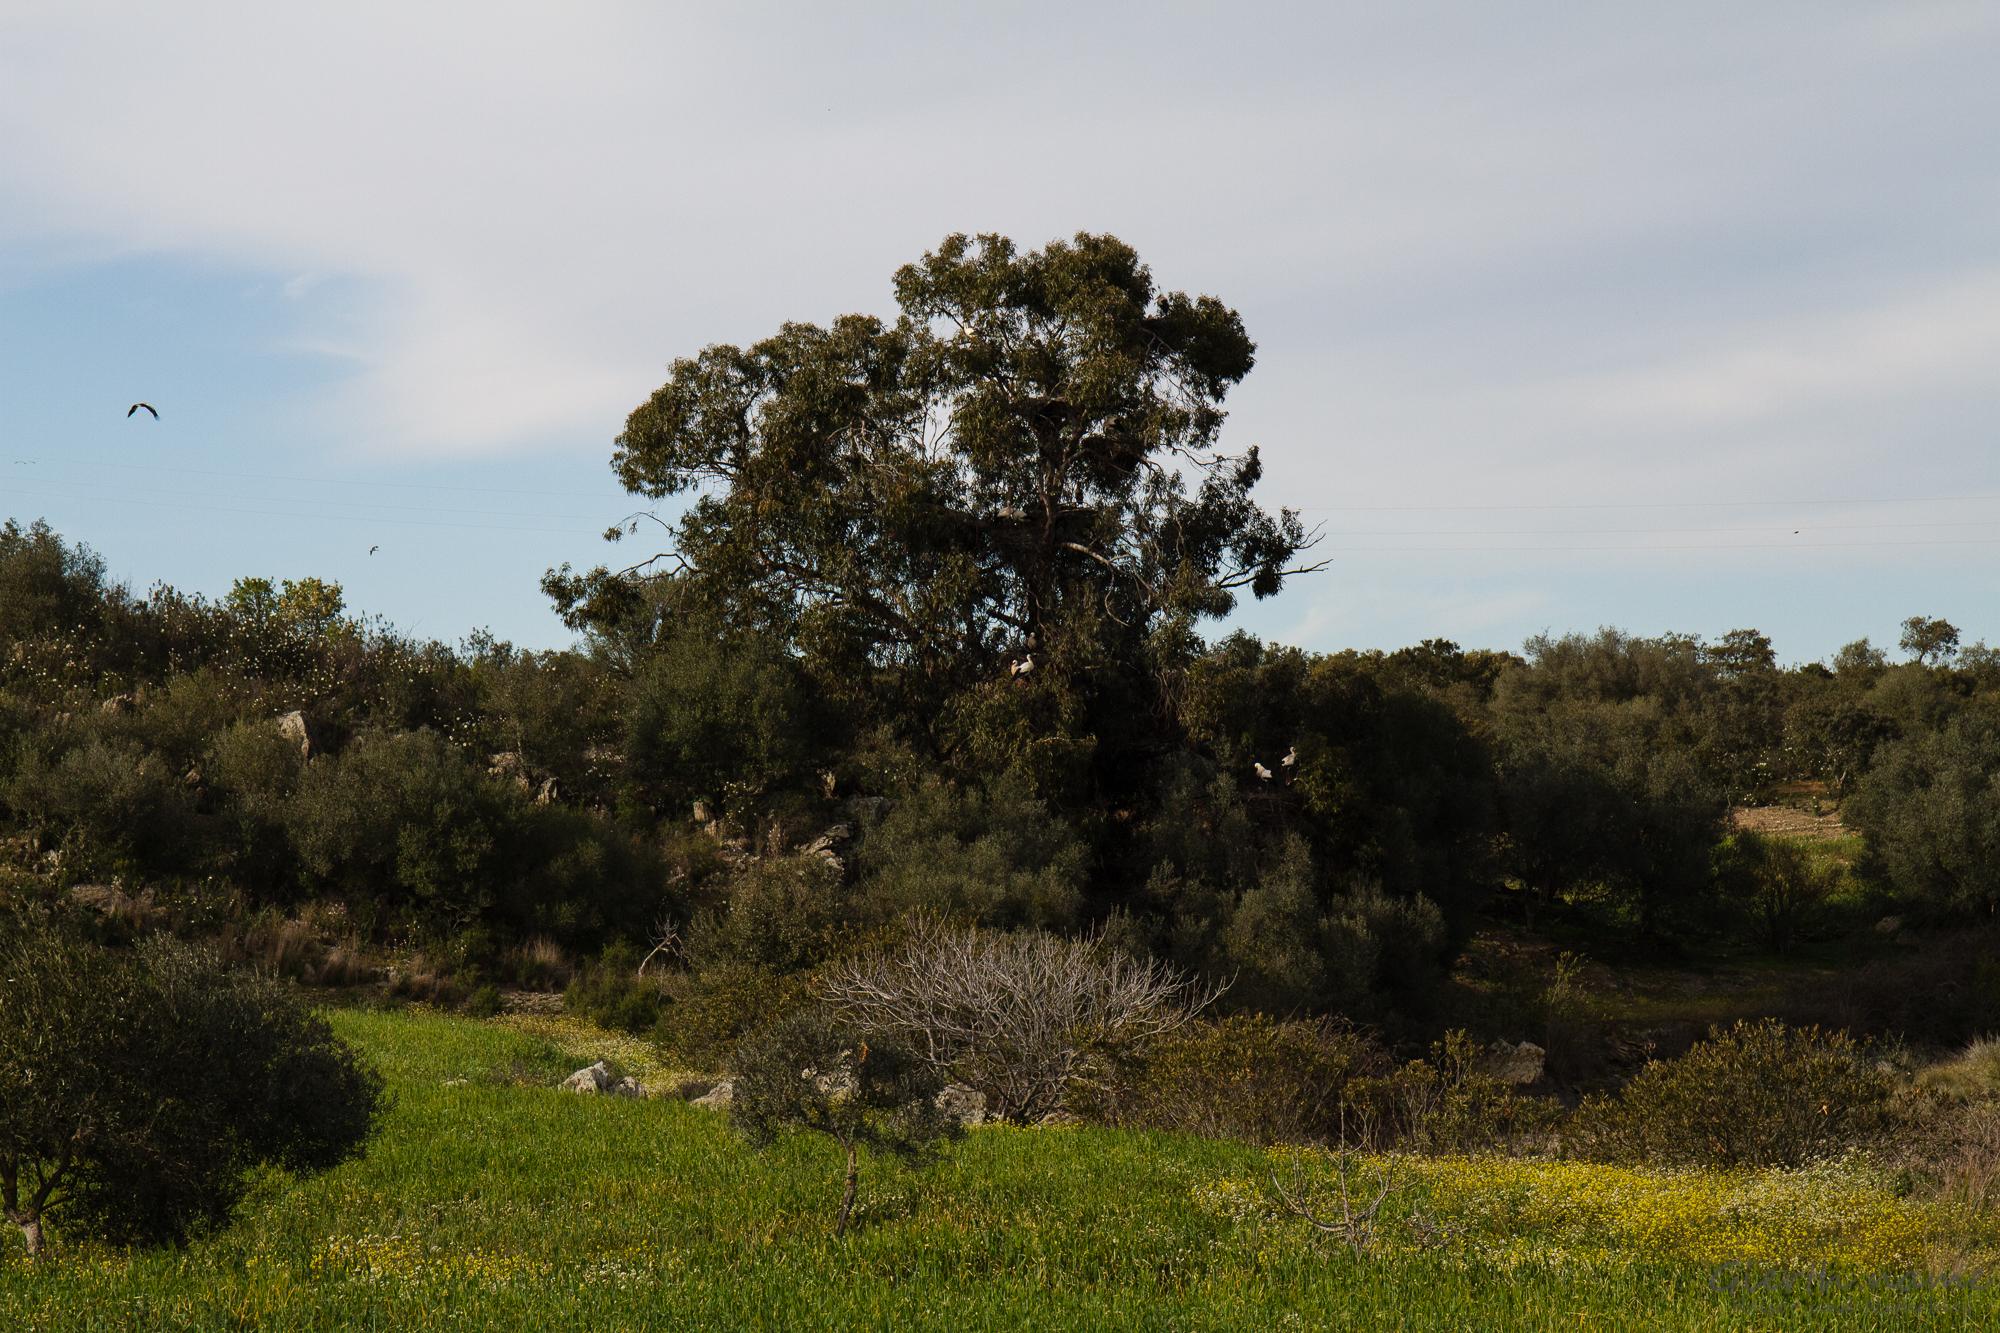 Castro Verde, Baum mit brütenden Störchen